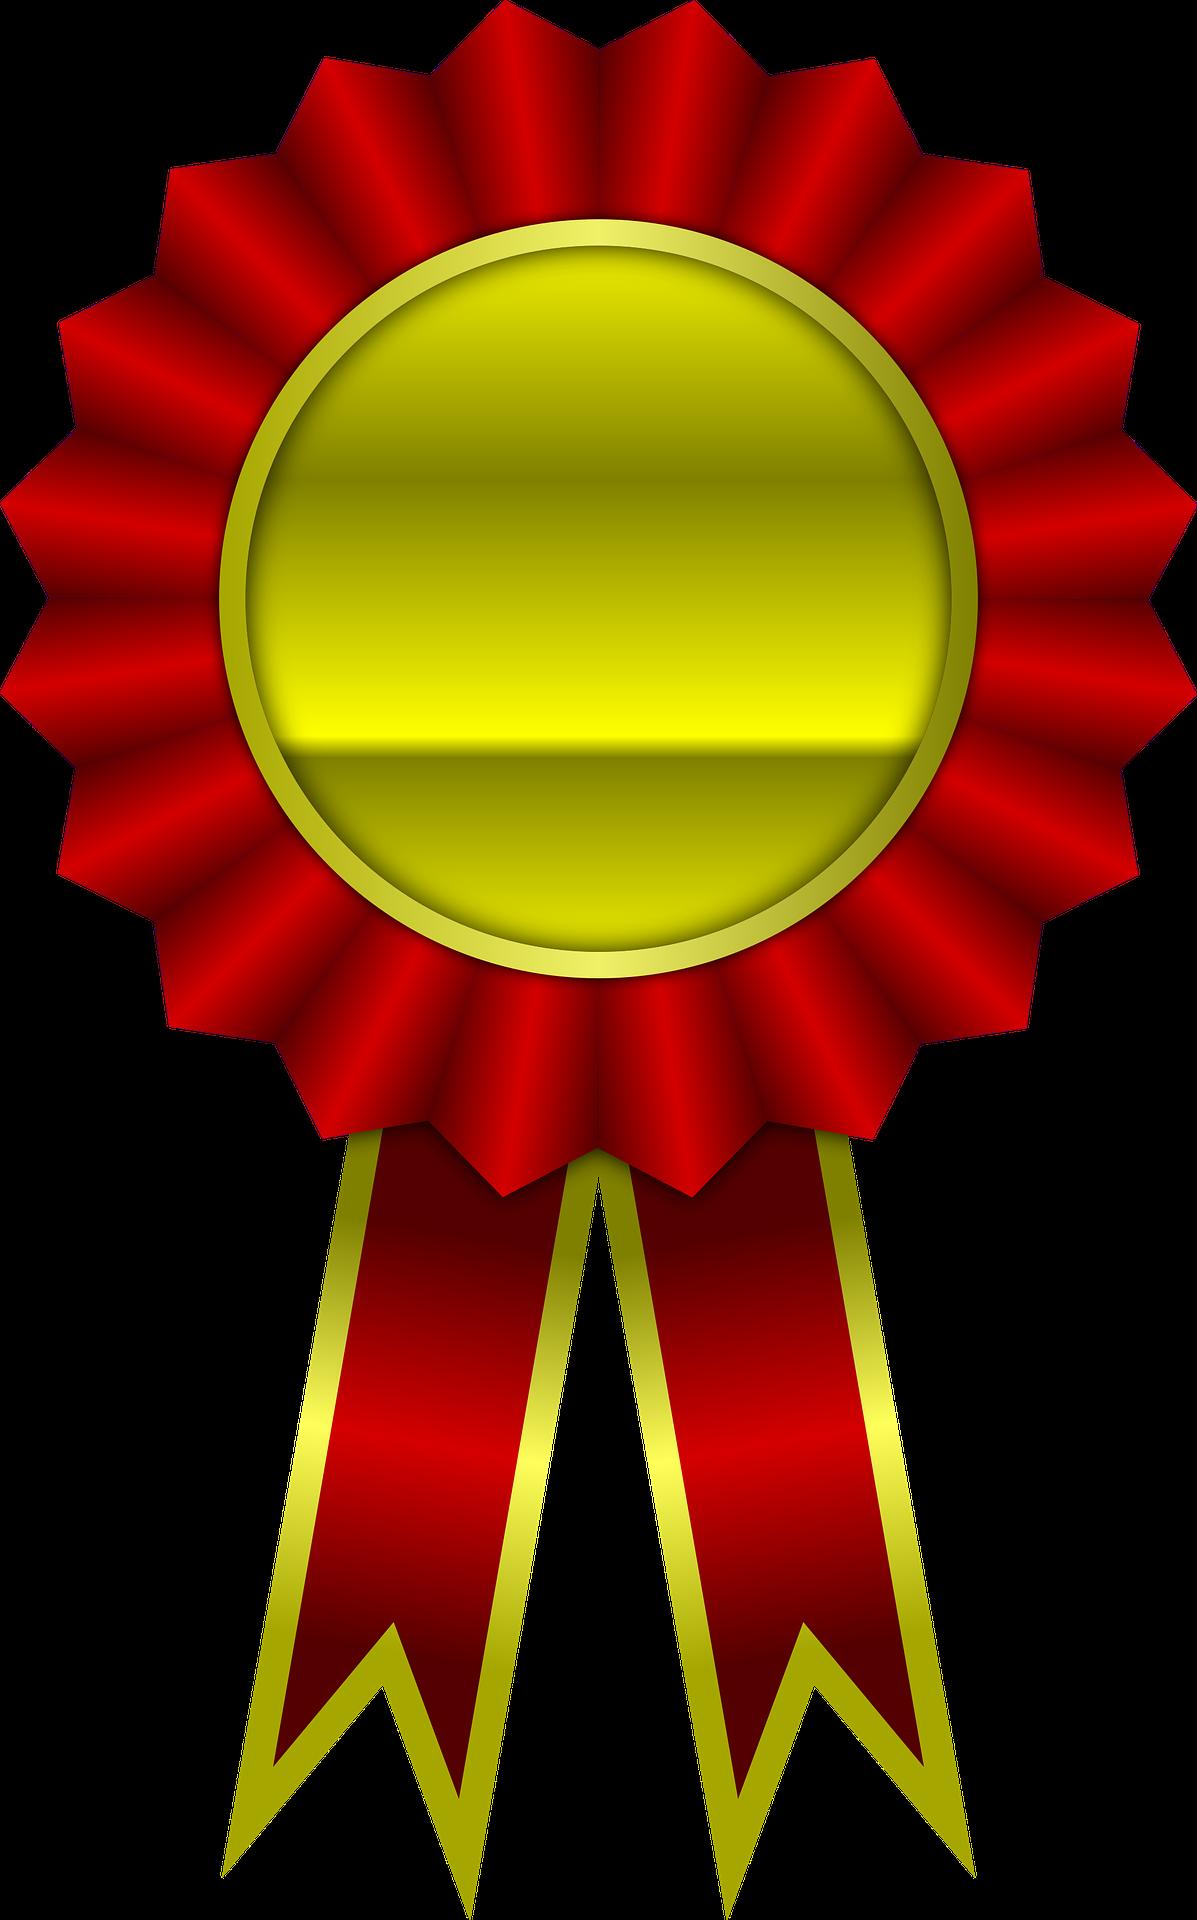 Izjemna tekmovalna medalja Icon